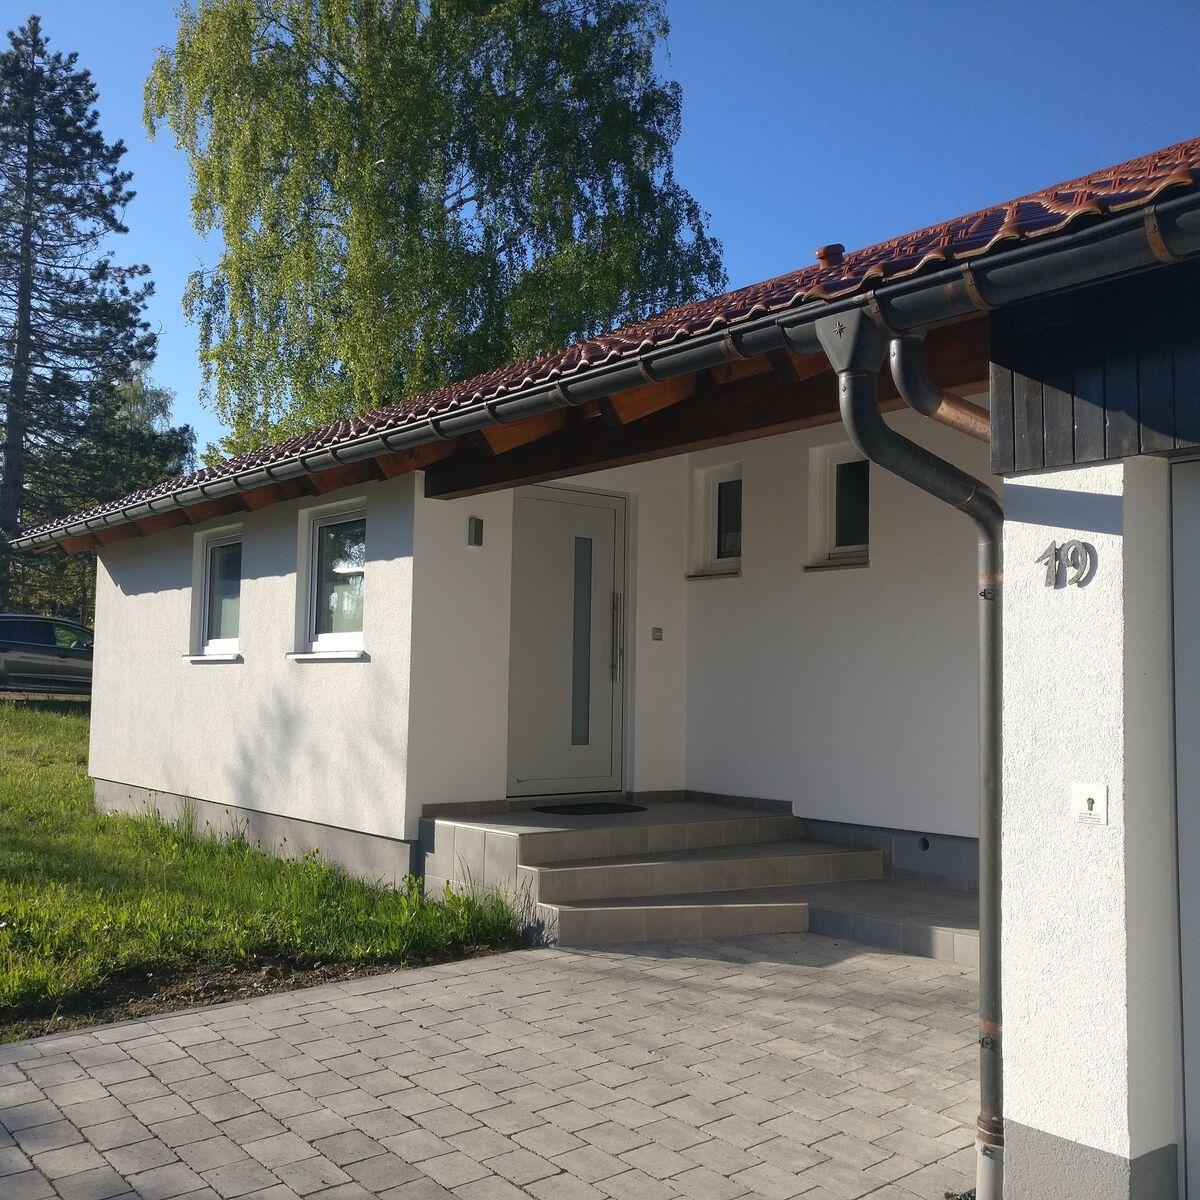 Fuchsweg 19